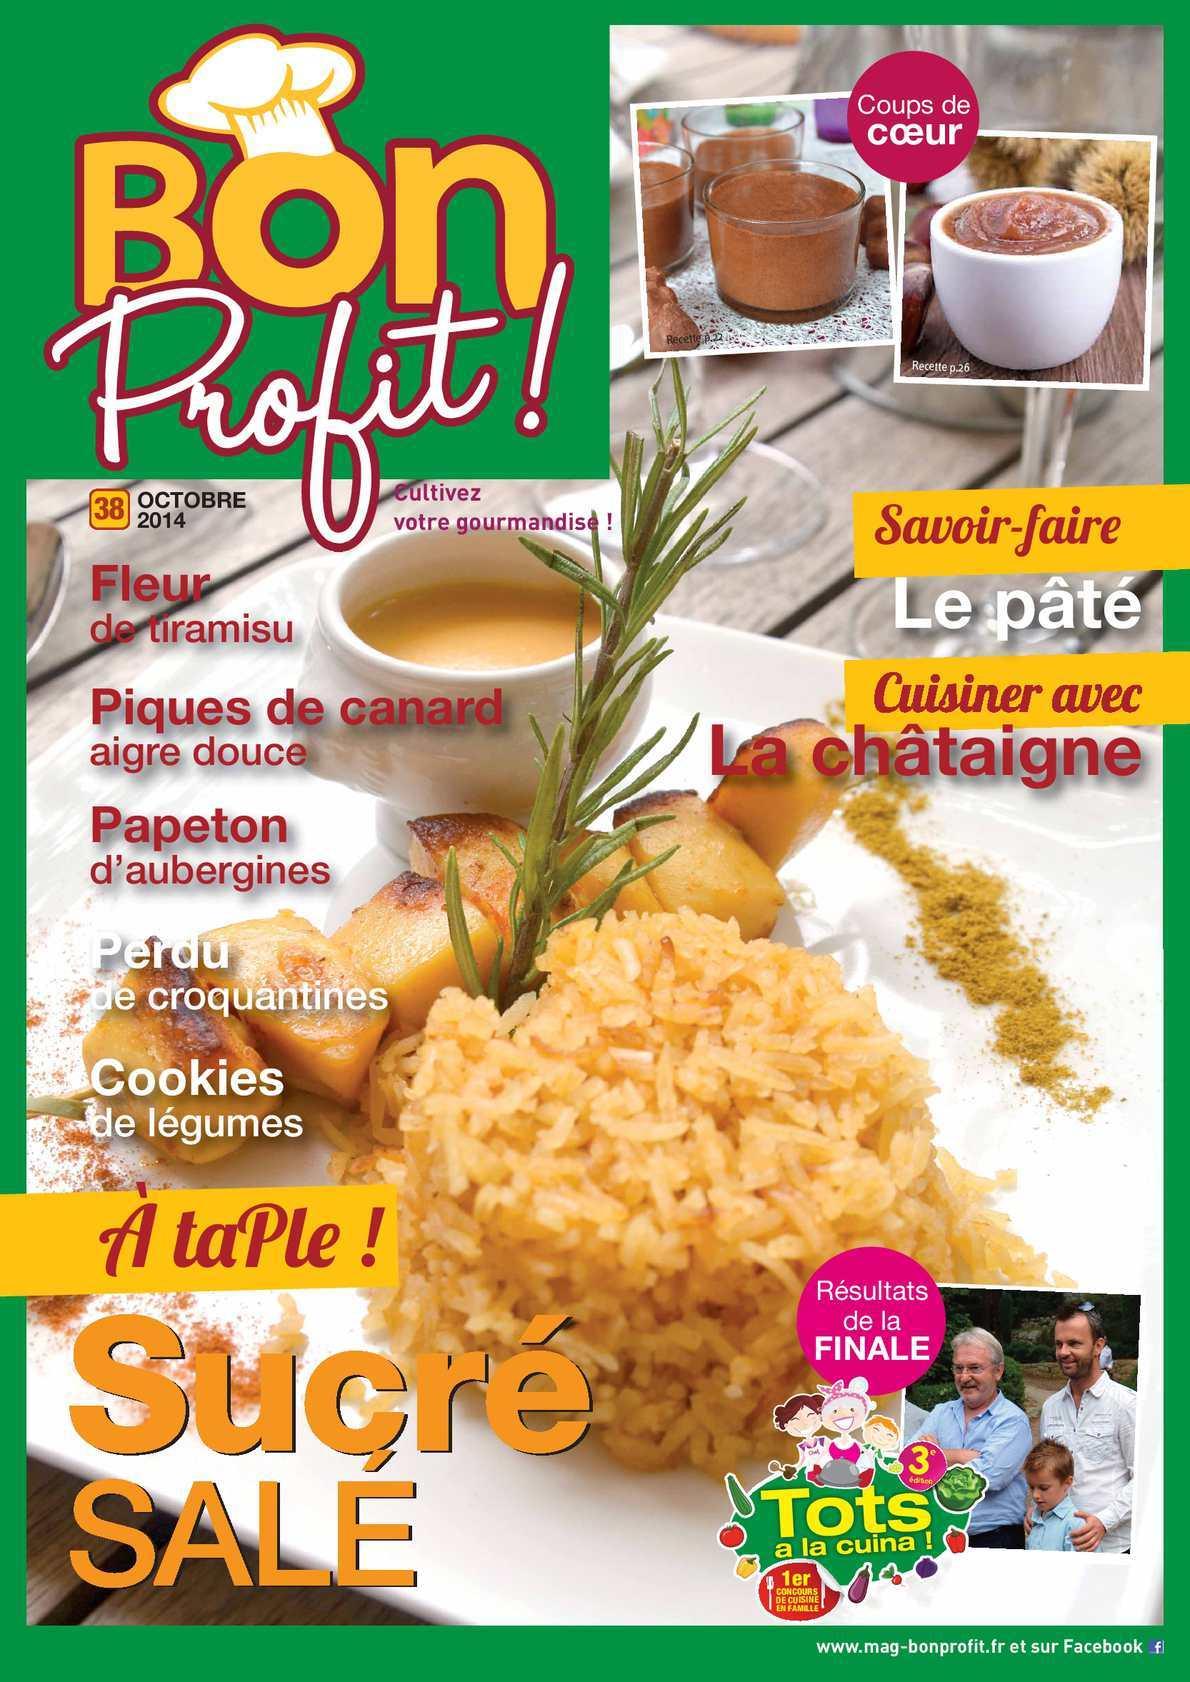 Bon Profit ! 39 - Cuisiner Avec La Châtaigne